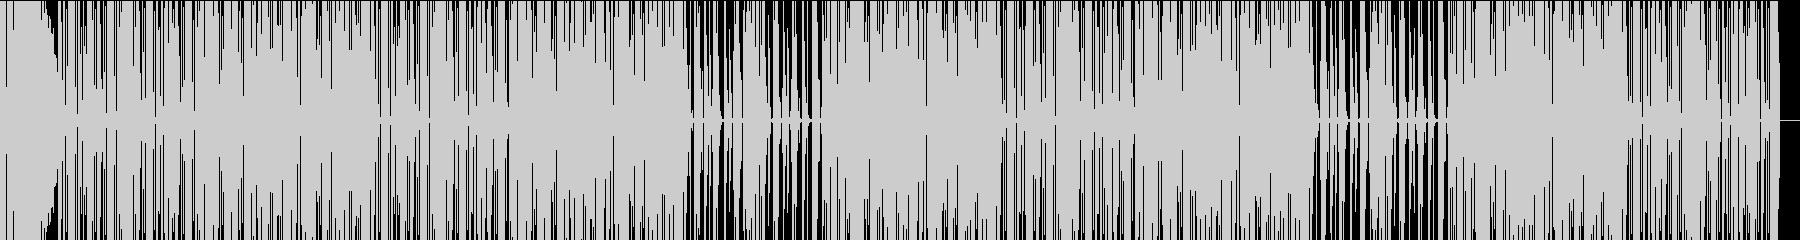 ファンキーでジャジーな都会的ヒップホップの未再生の波形